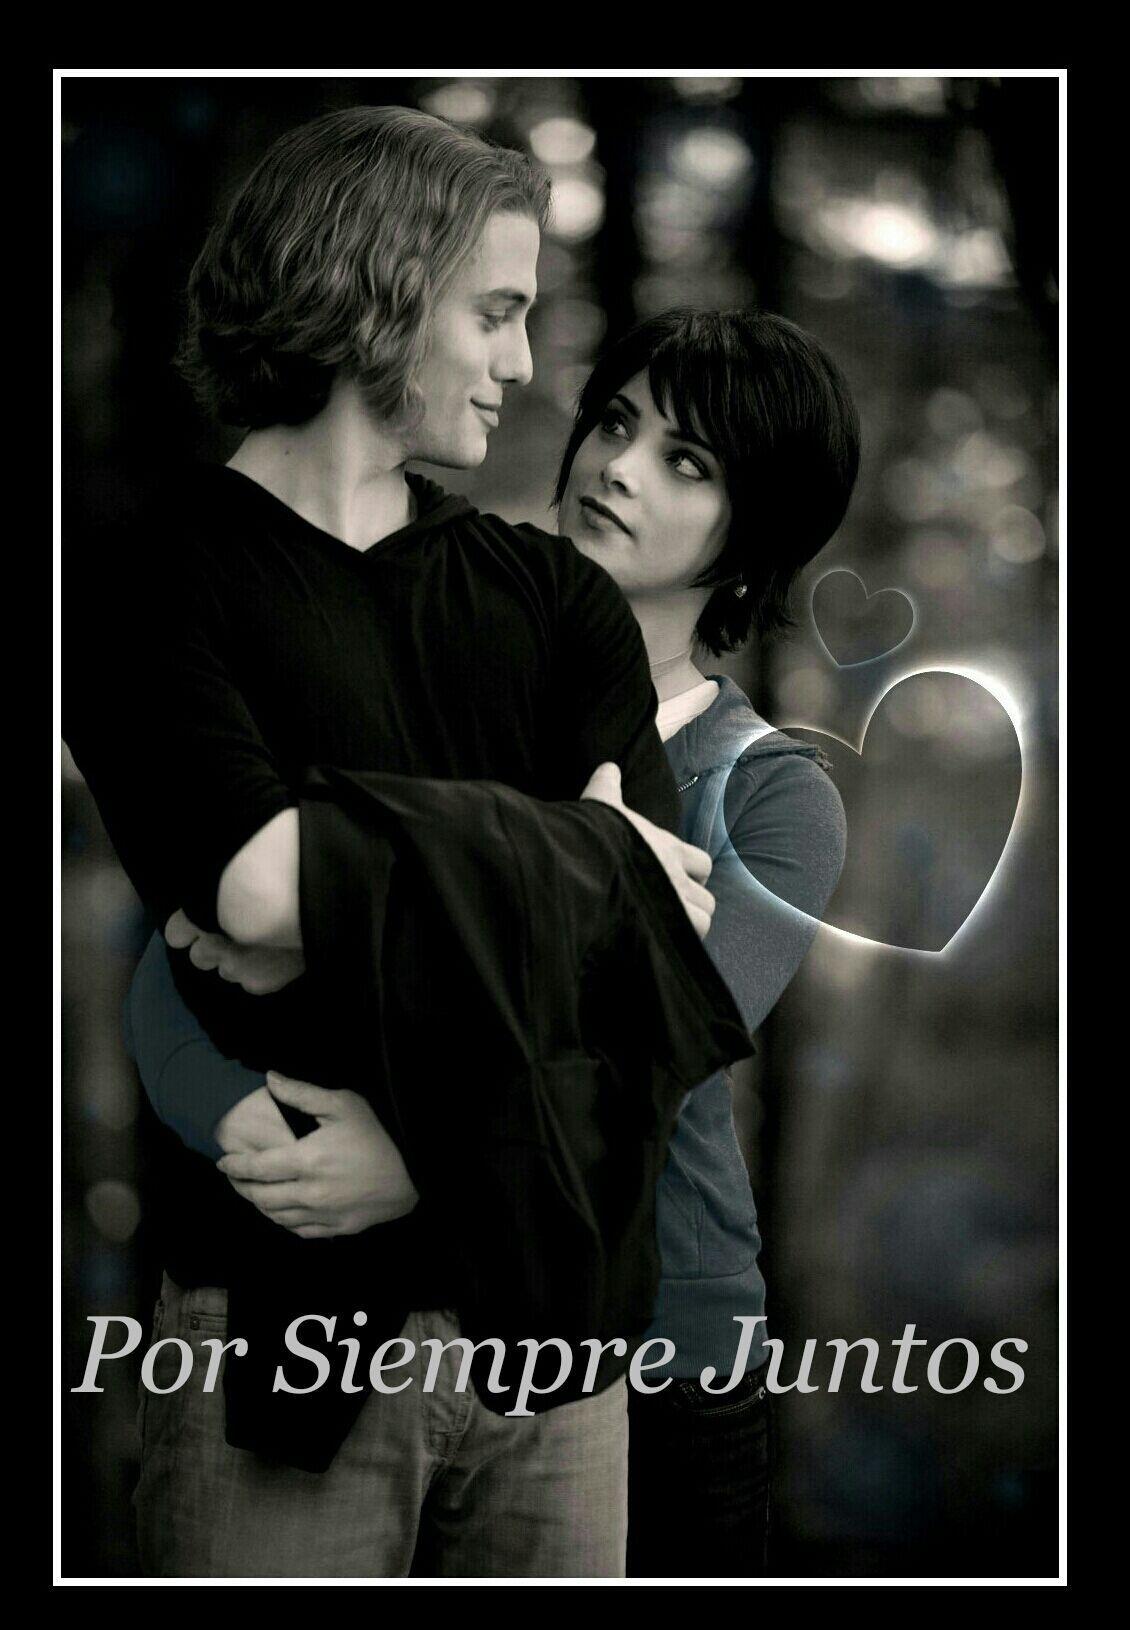 Best Frases De Amor Crepusculo Luna Nueva Eclipse Y Amanecer Image